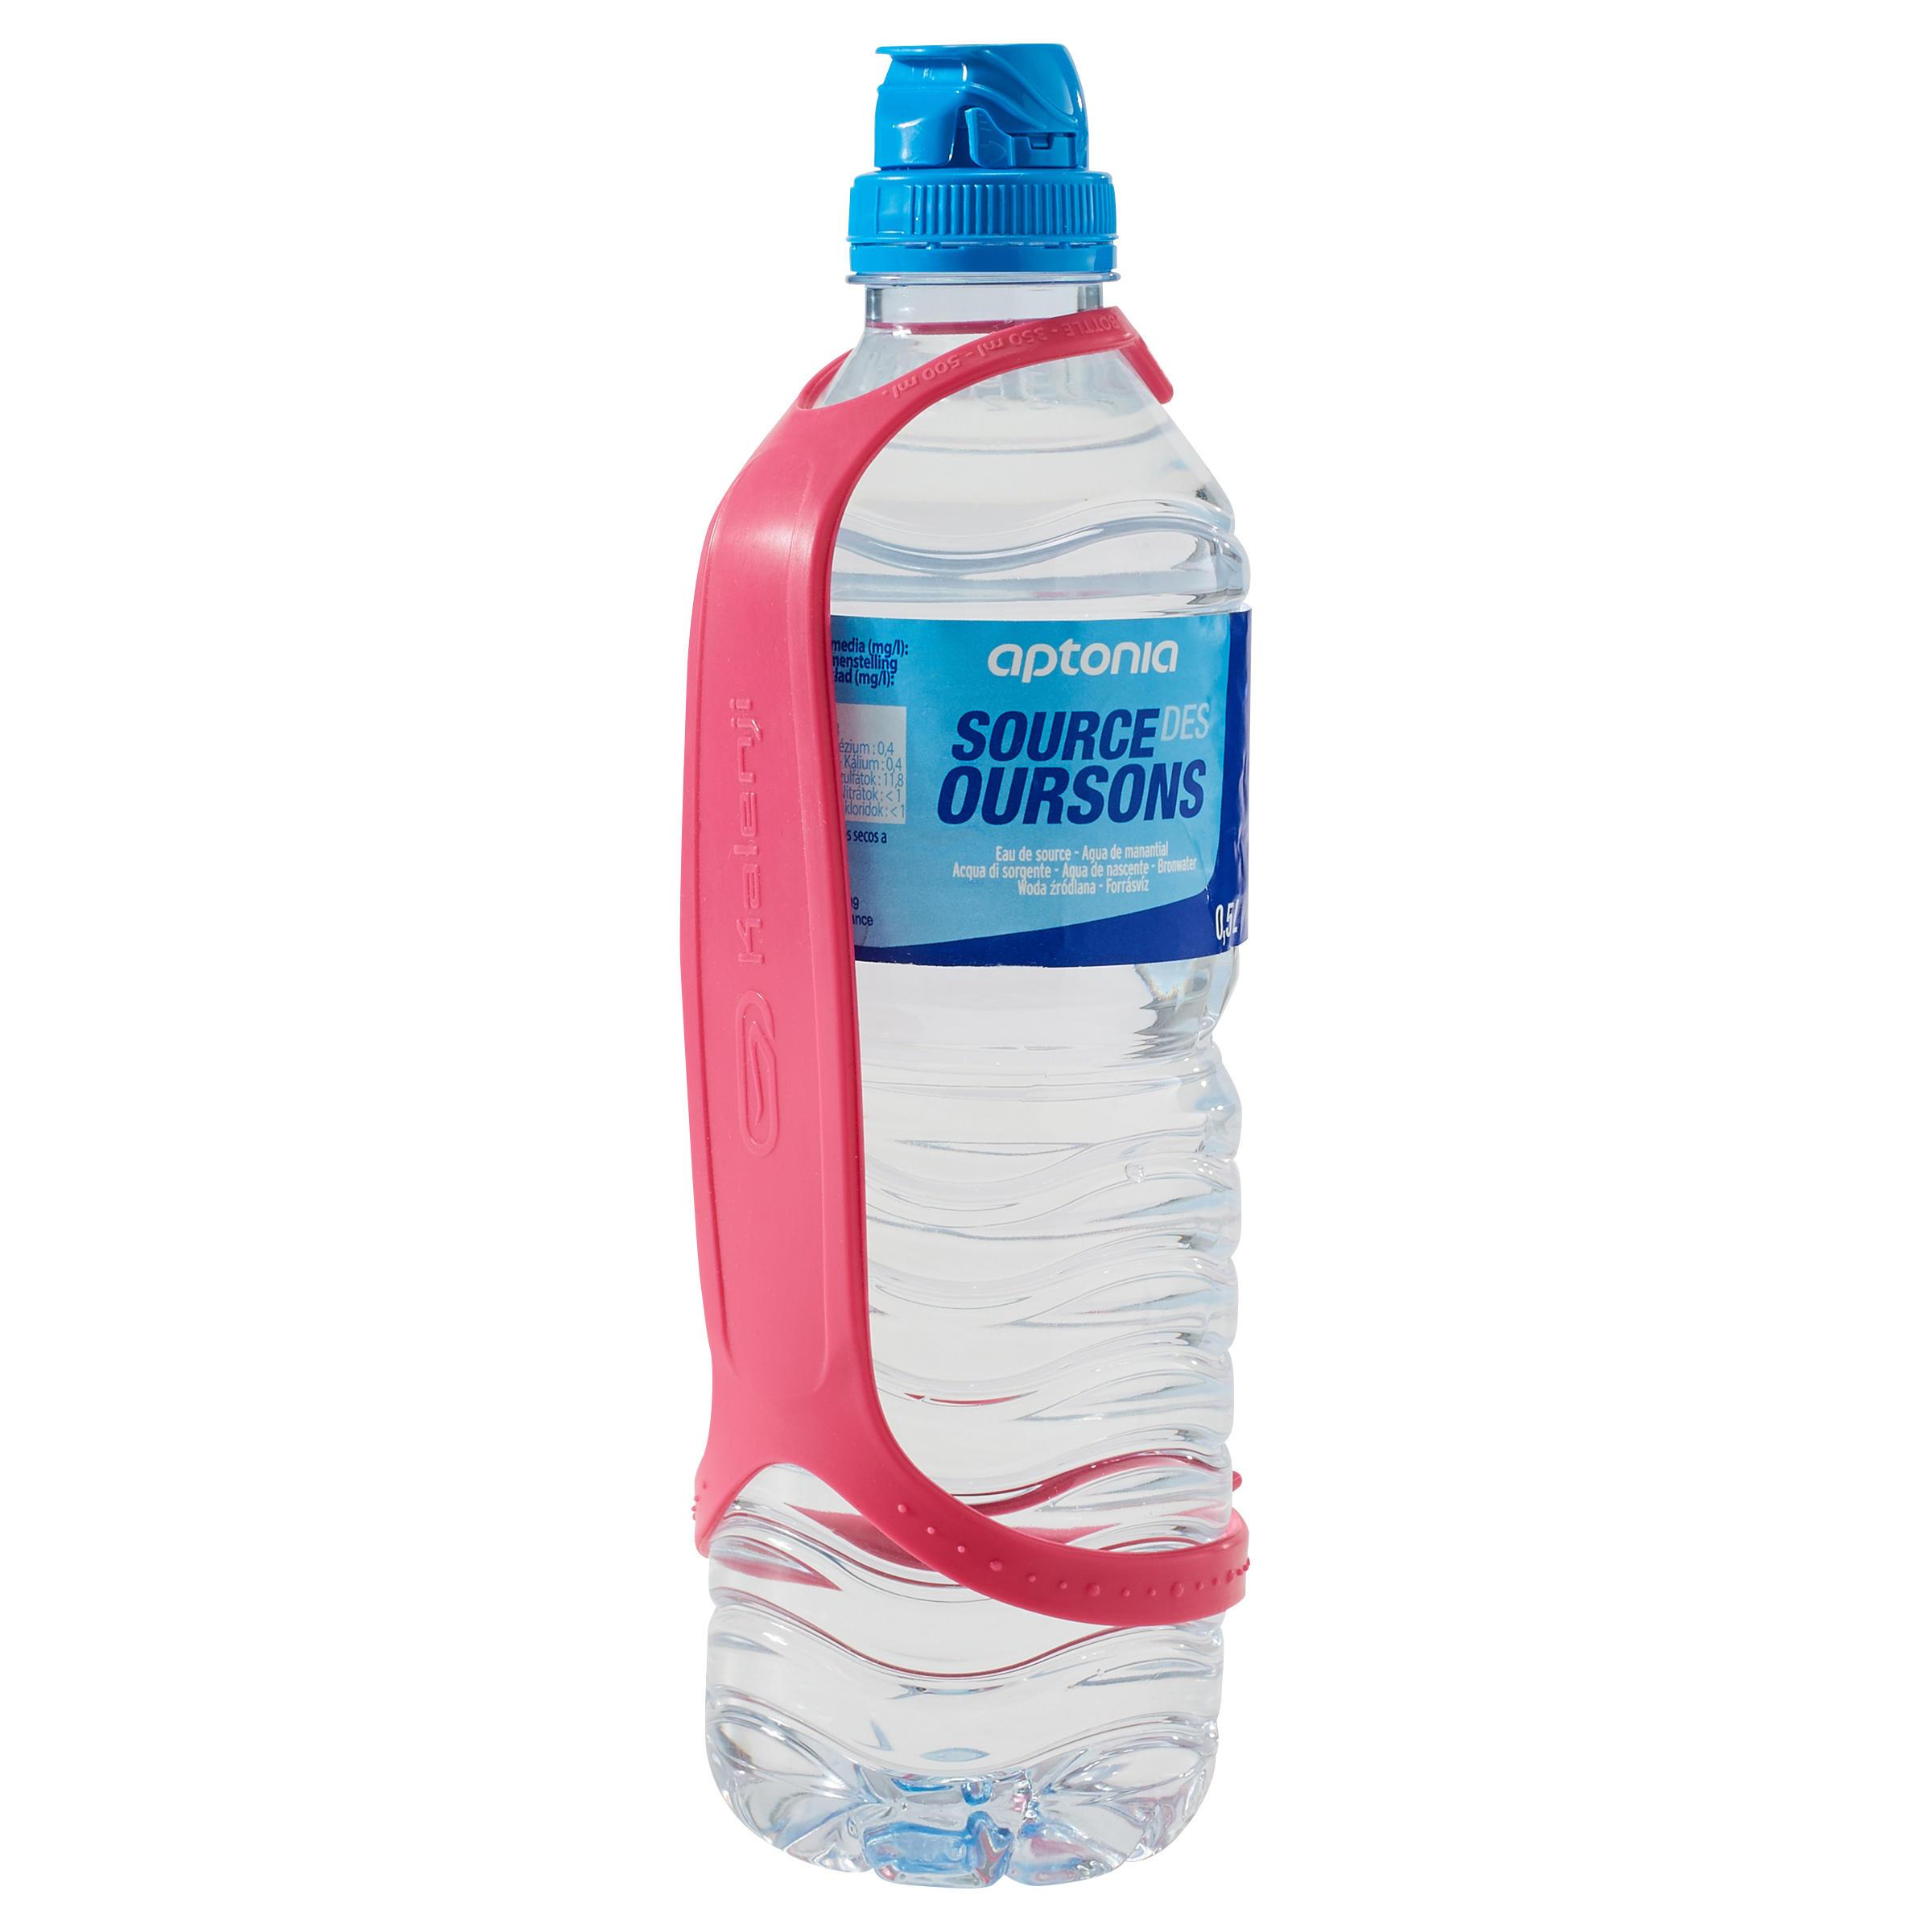 แถบใส่ขวดน้ำสำหรับว...